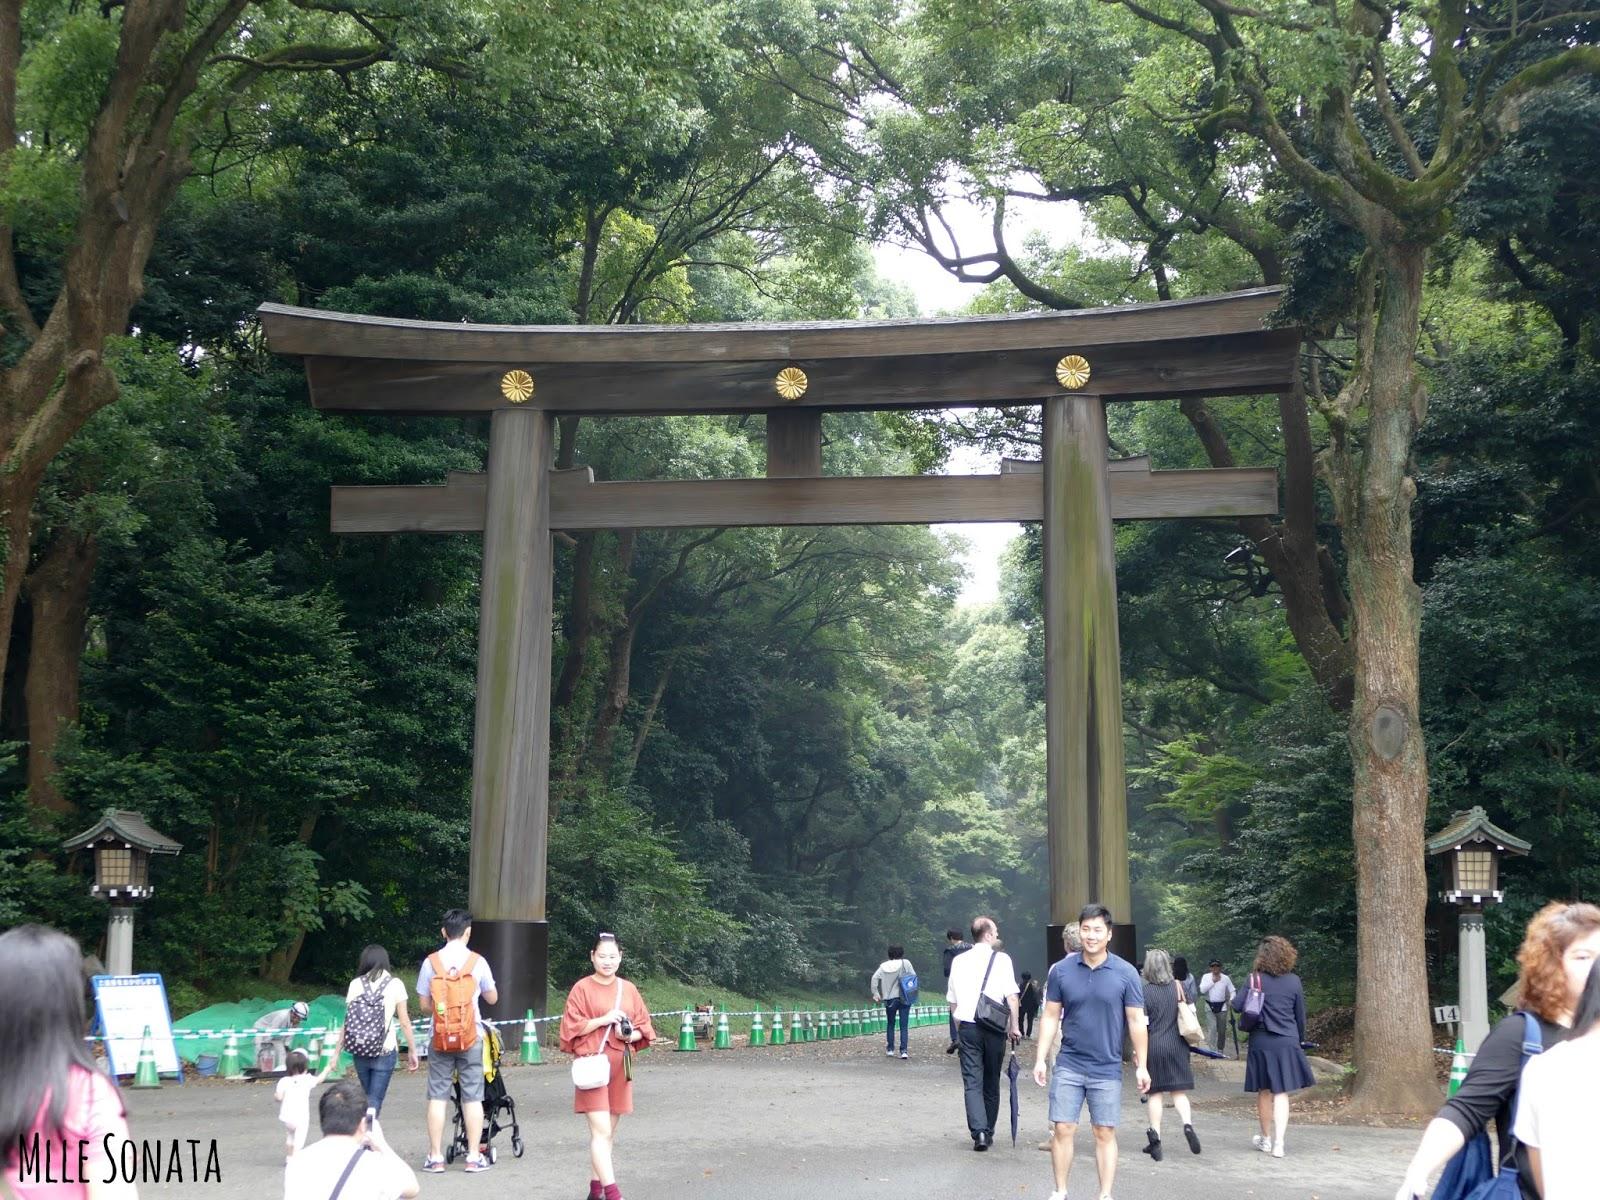 Entrée du parc Yoyogi-kōen, direction le temple Meiji Jingu.